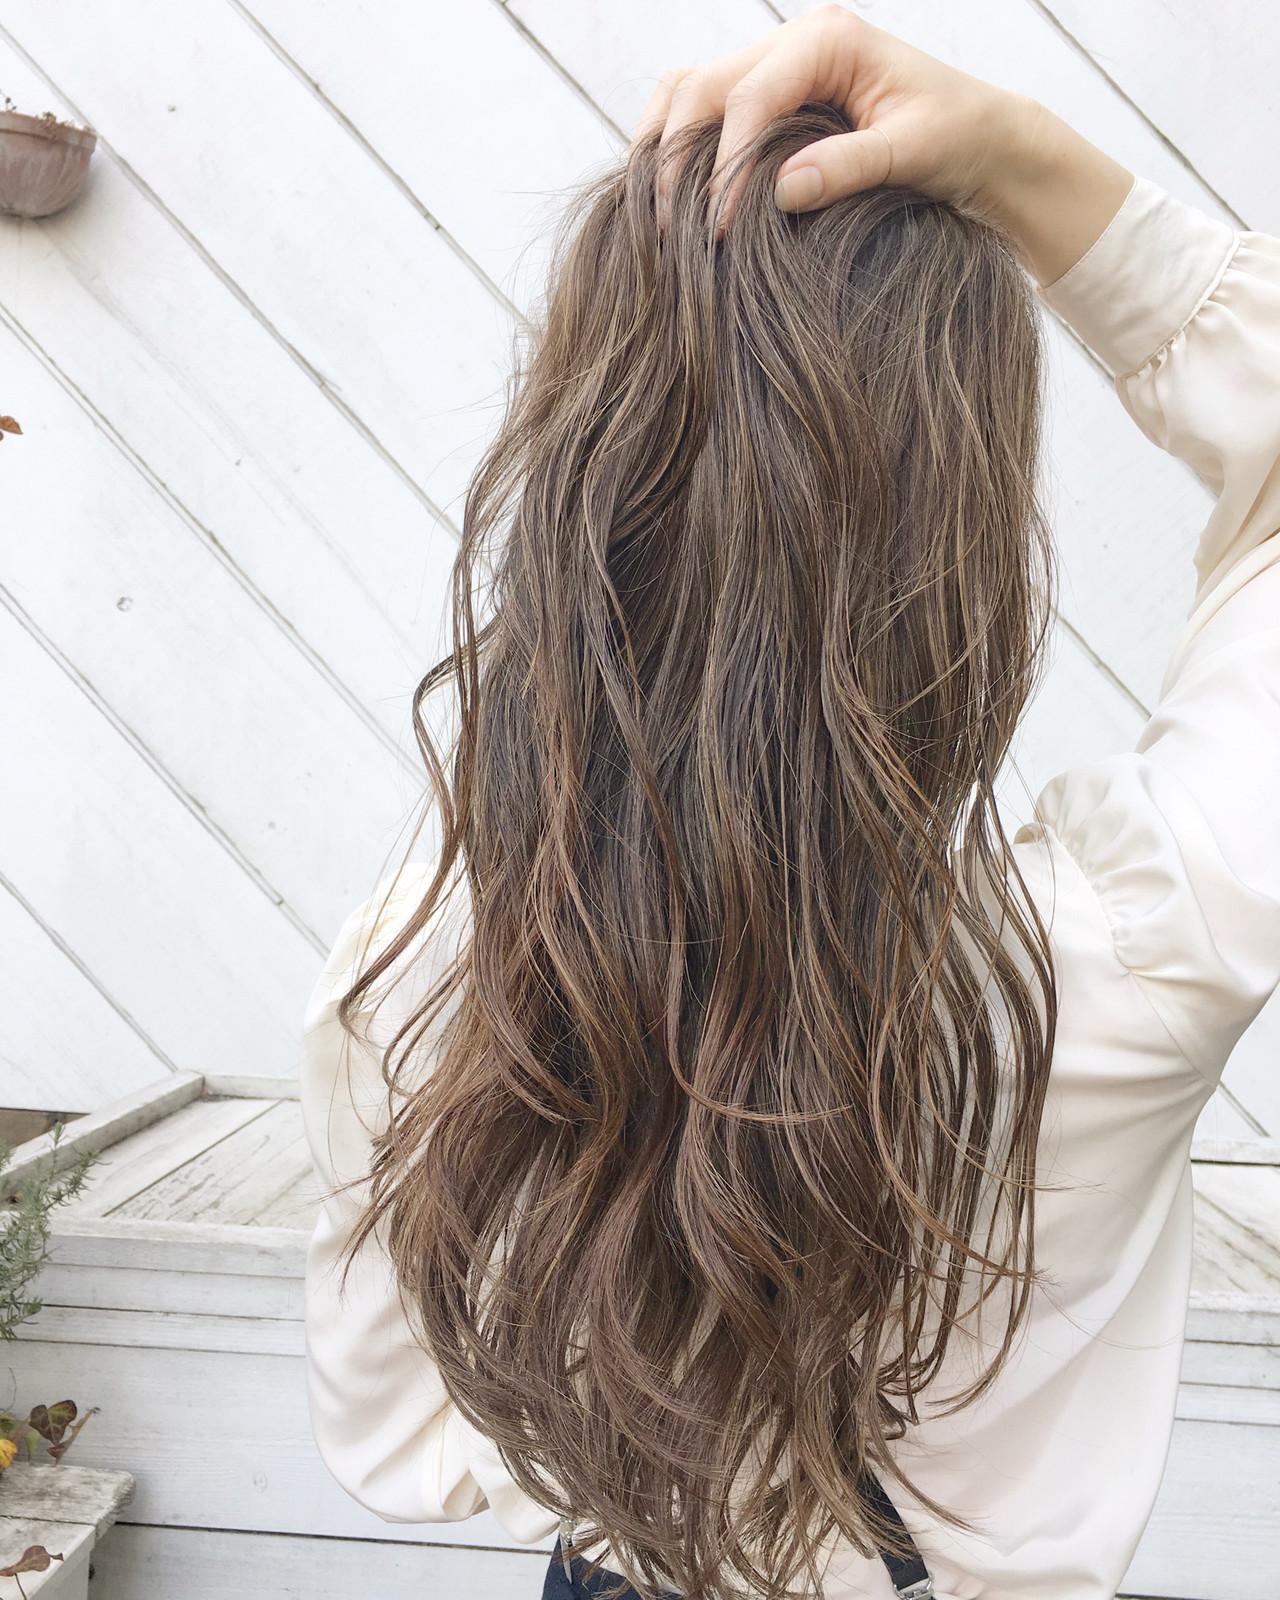 アウトドア ヘアアレンジ デート ナチュラル ヘアスタイルや髪型の写真・画像